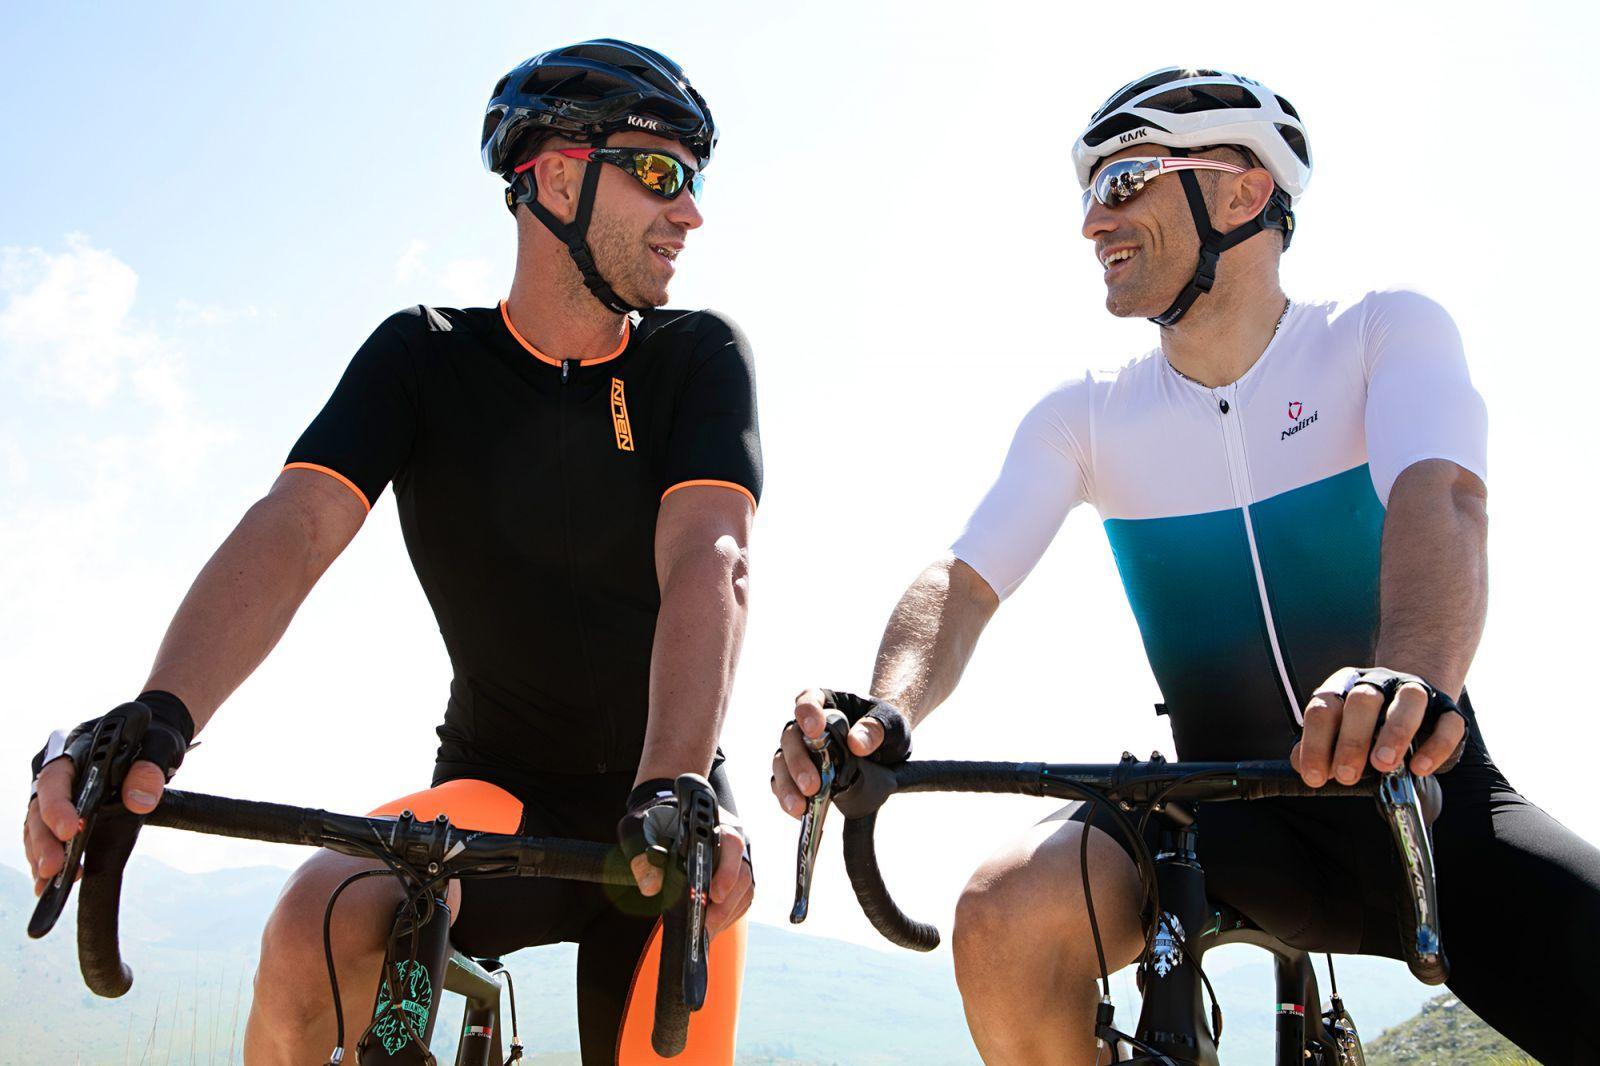 Секс двух велосипедистов